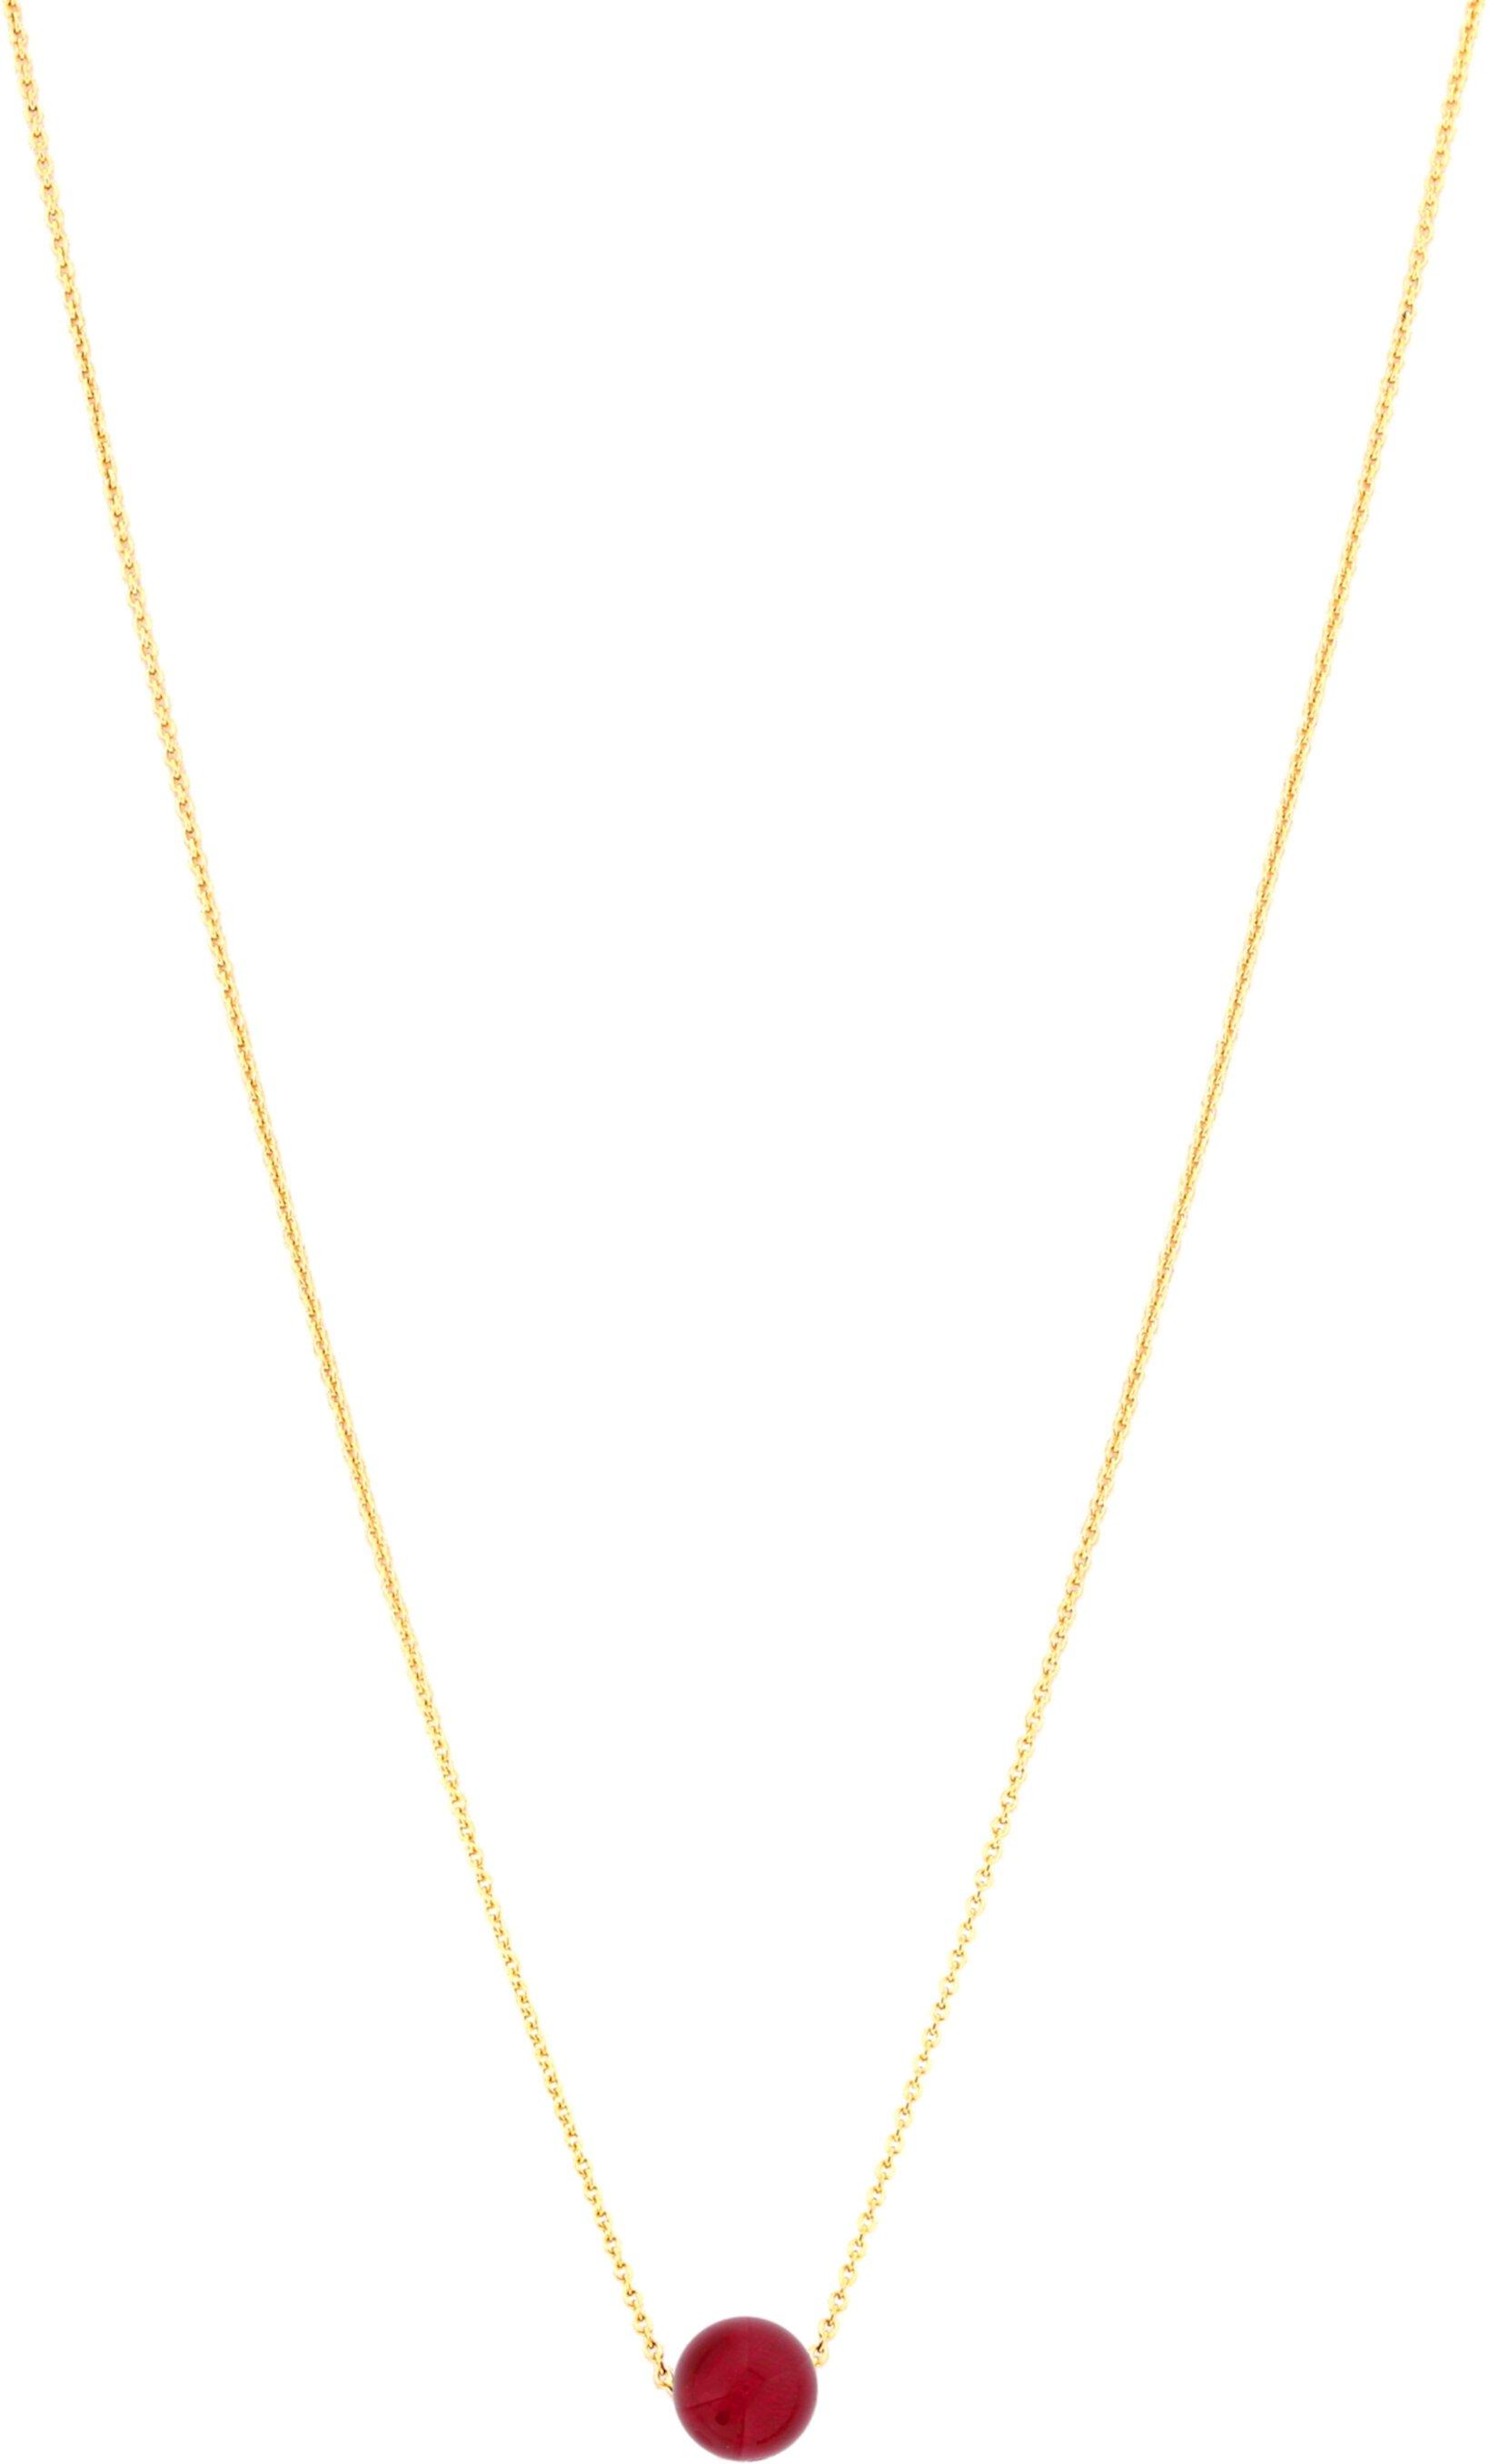 Ожерелье с драгоценным камнем One Love, 18 дюймов, рубиновый агат Dee Berkley